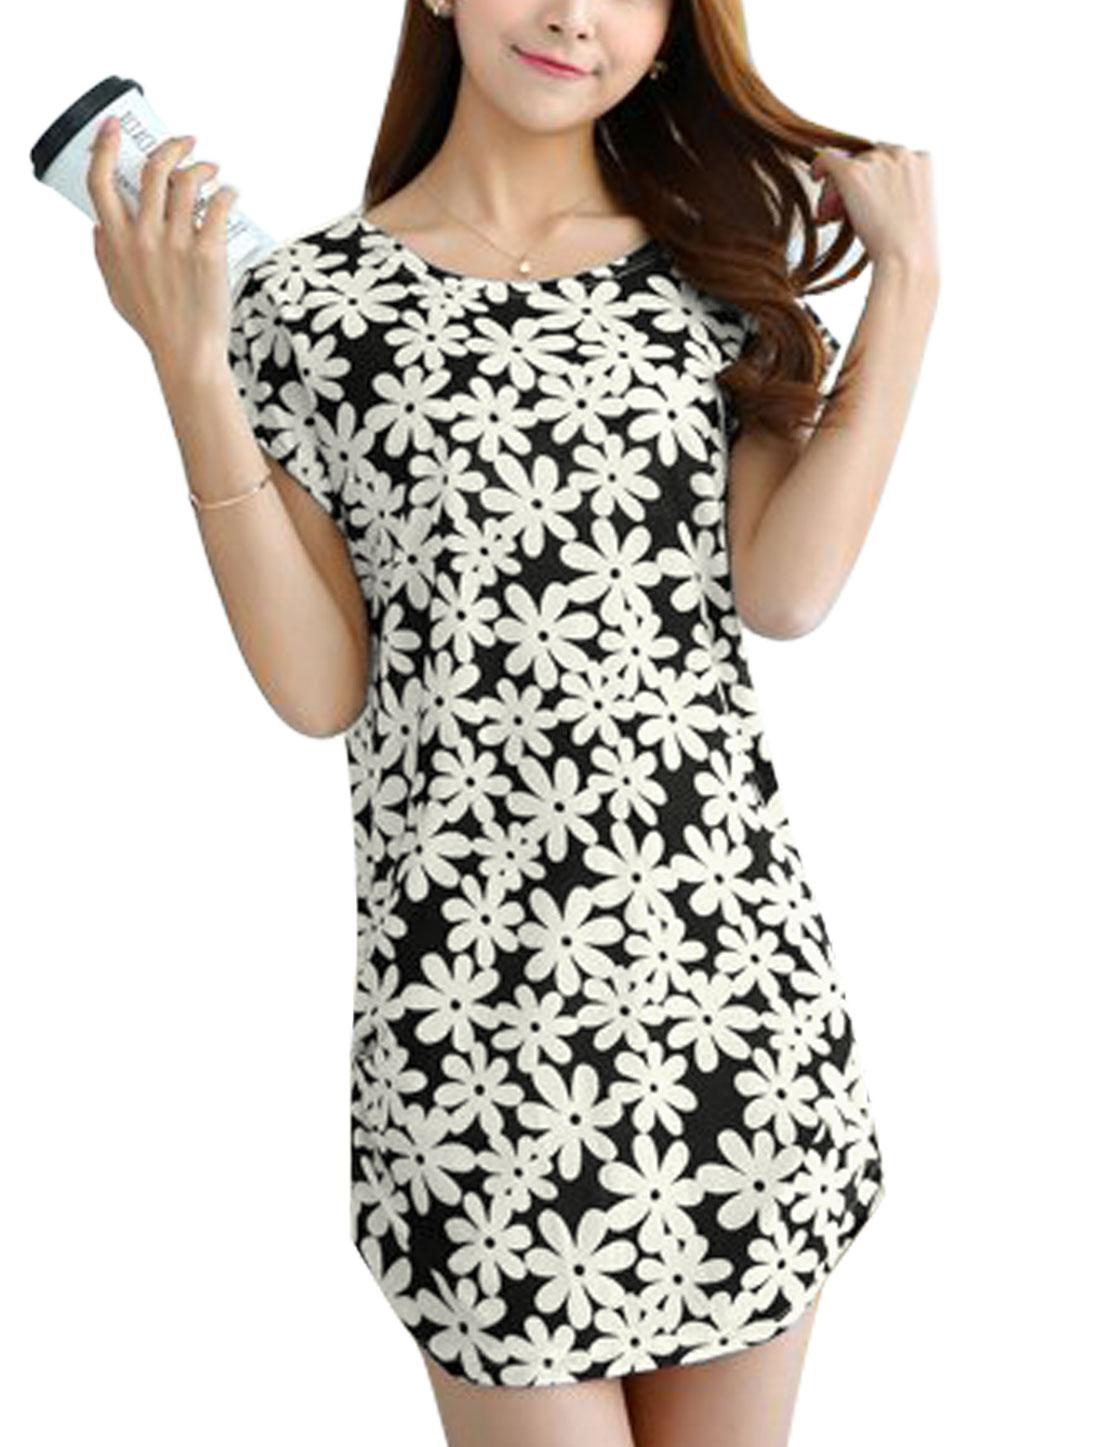 Women Flower Prints Short Dolman Sleeves Unlined Casual Mini Dress Black S